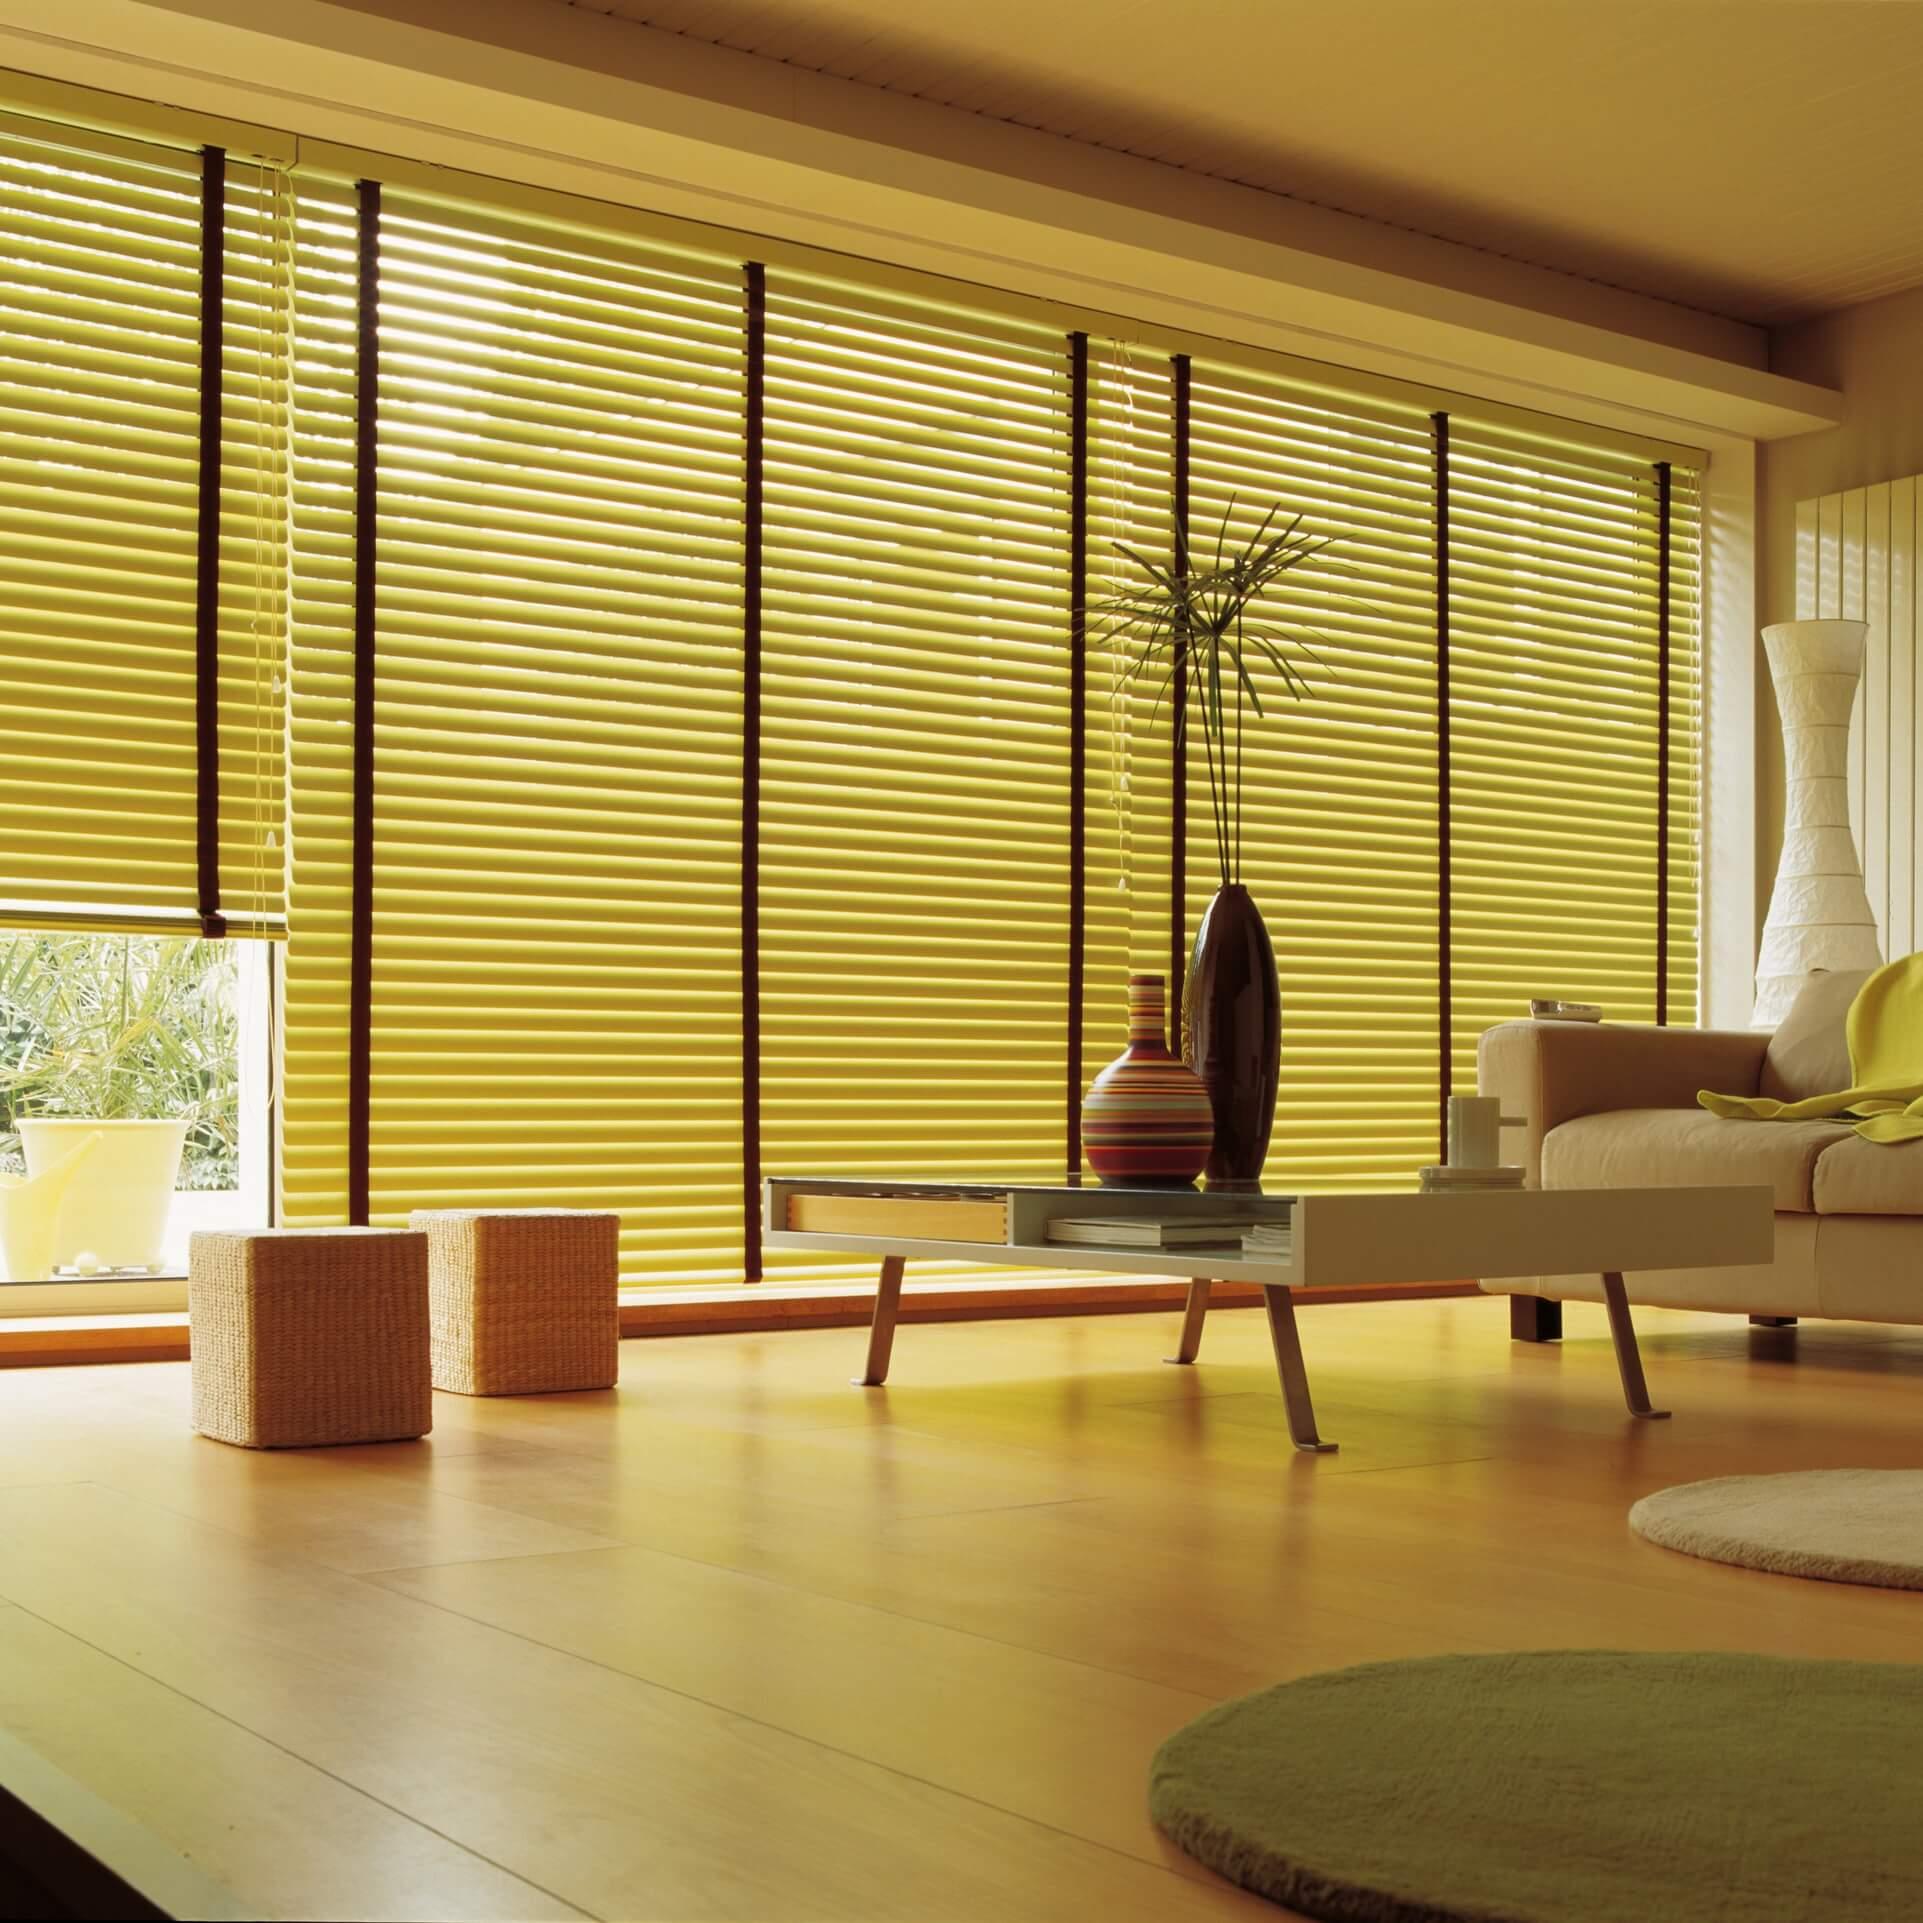 comment bien choisir son store d 39 int rieur les actus d. Black Bedroom Furniture Sets. Home Design Ideas